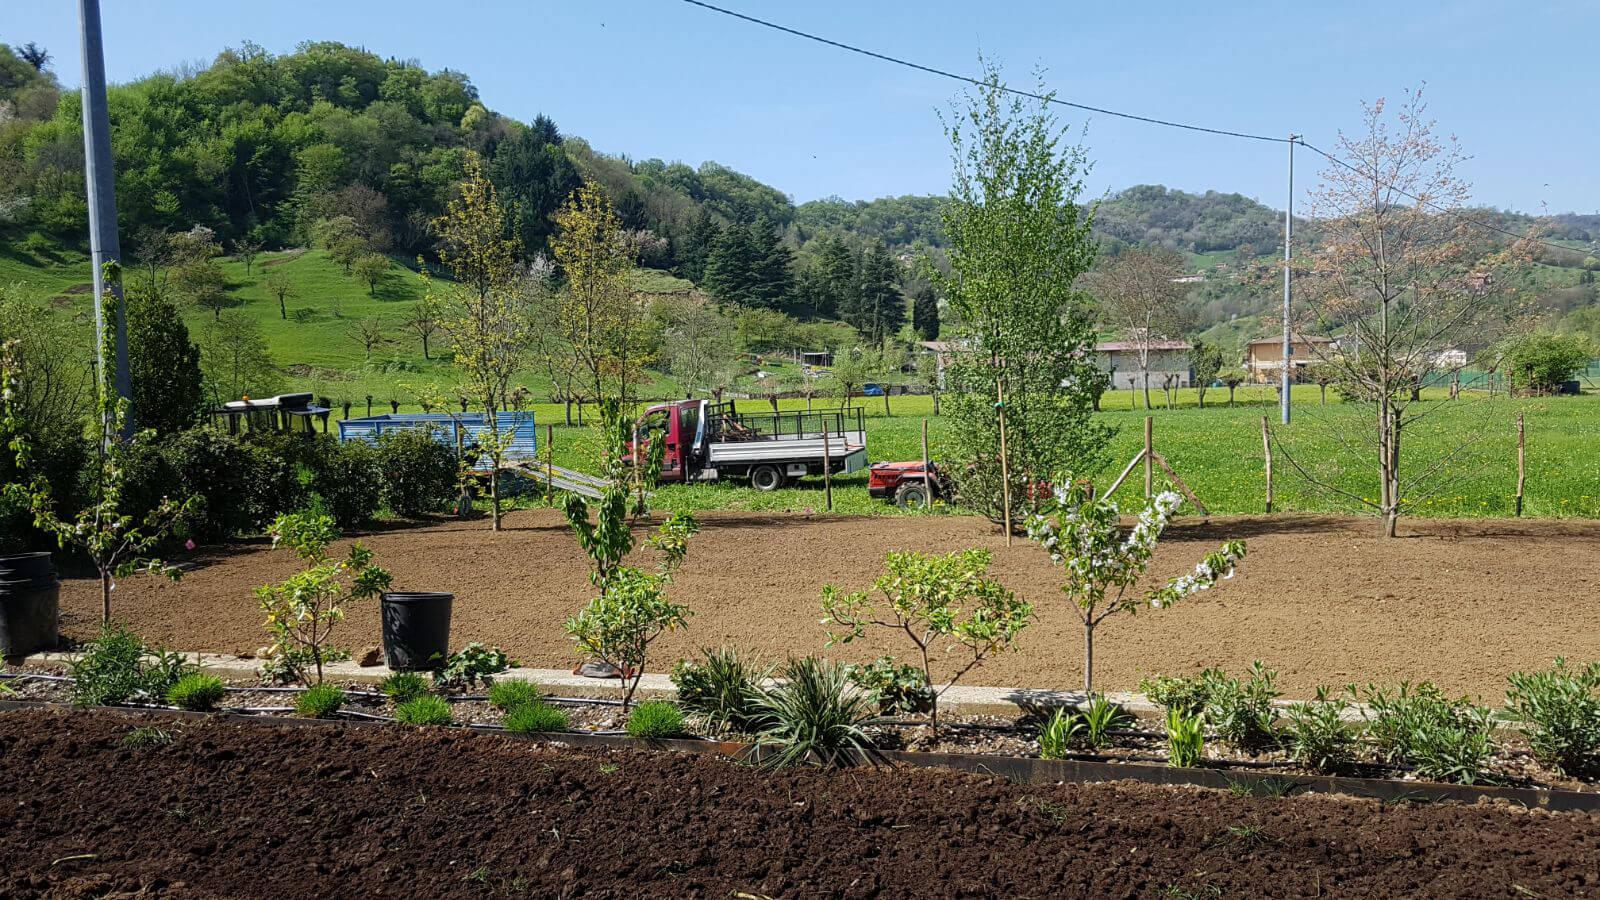 progettazione realizzazione giardini marostica - verde blu giardini 4